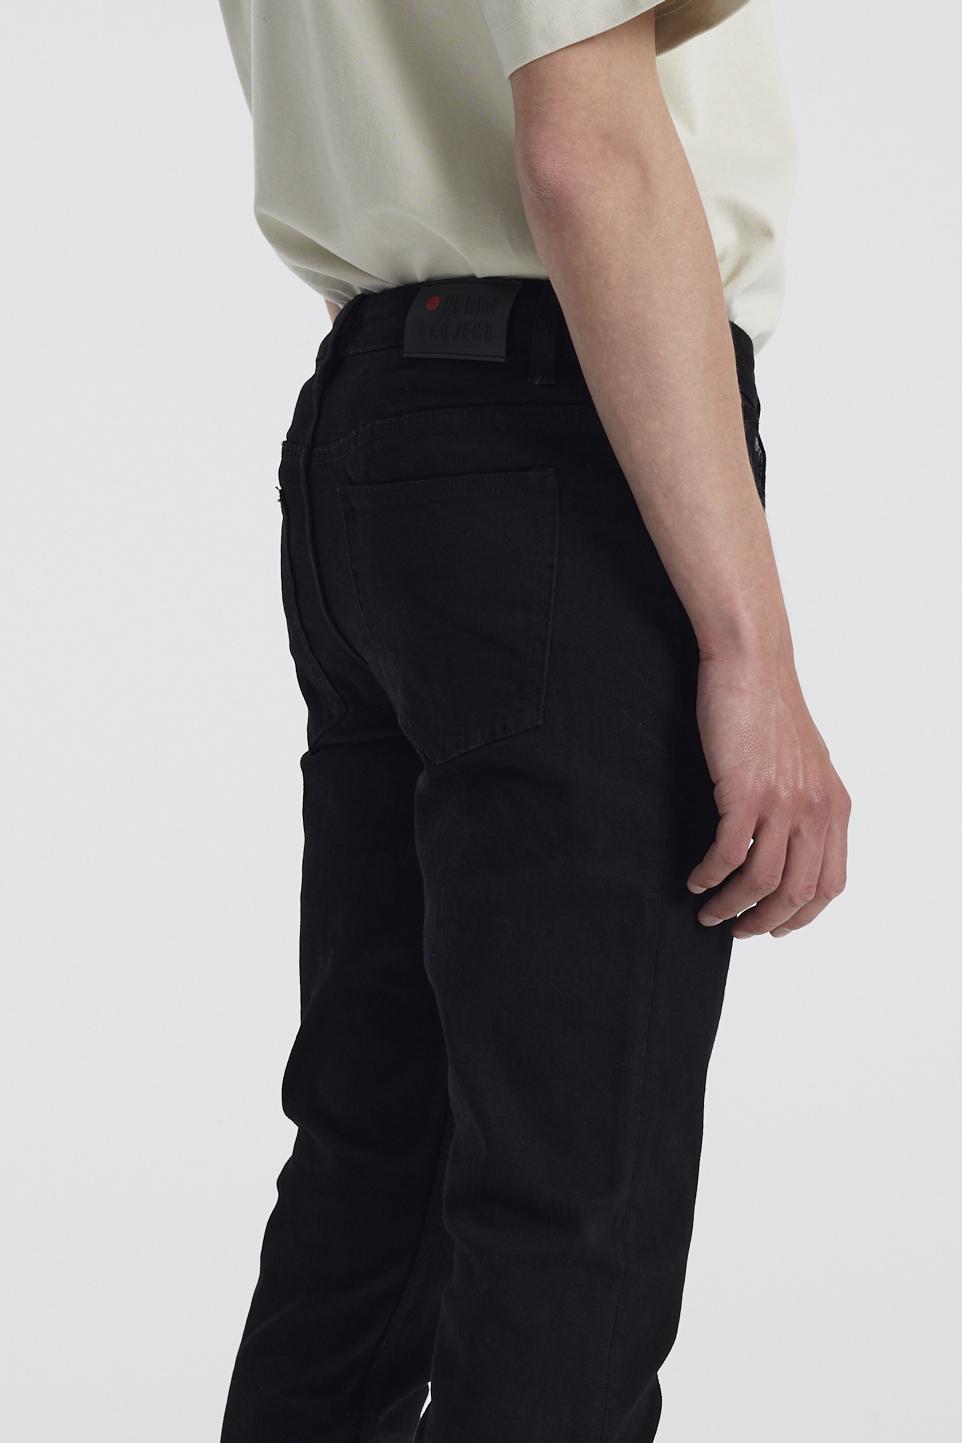 Denim Project Mr. Red Jeans, Sort W29/L30